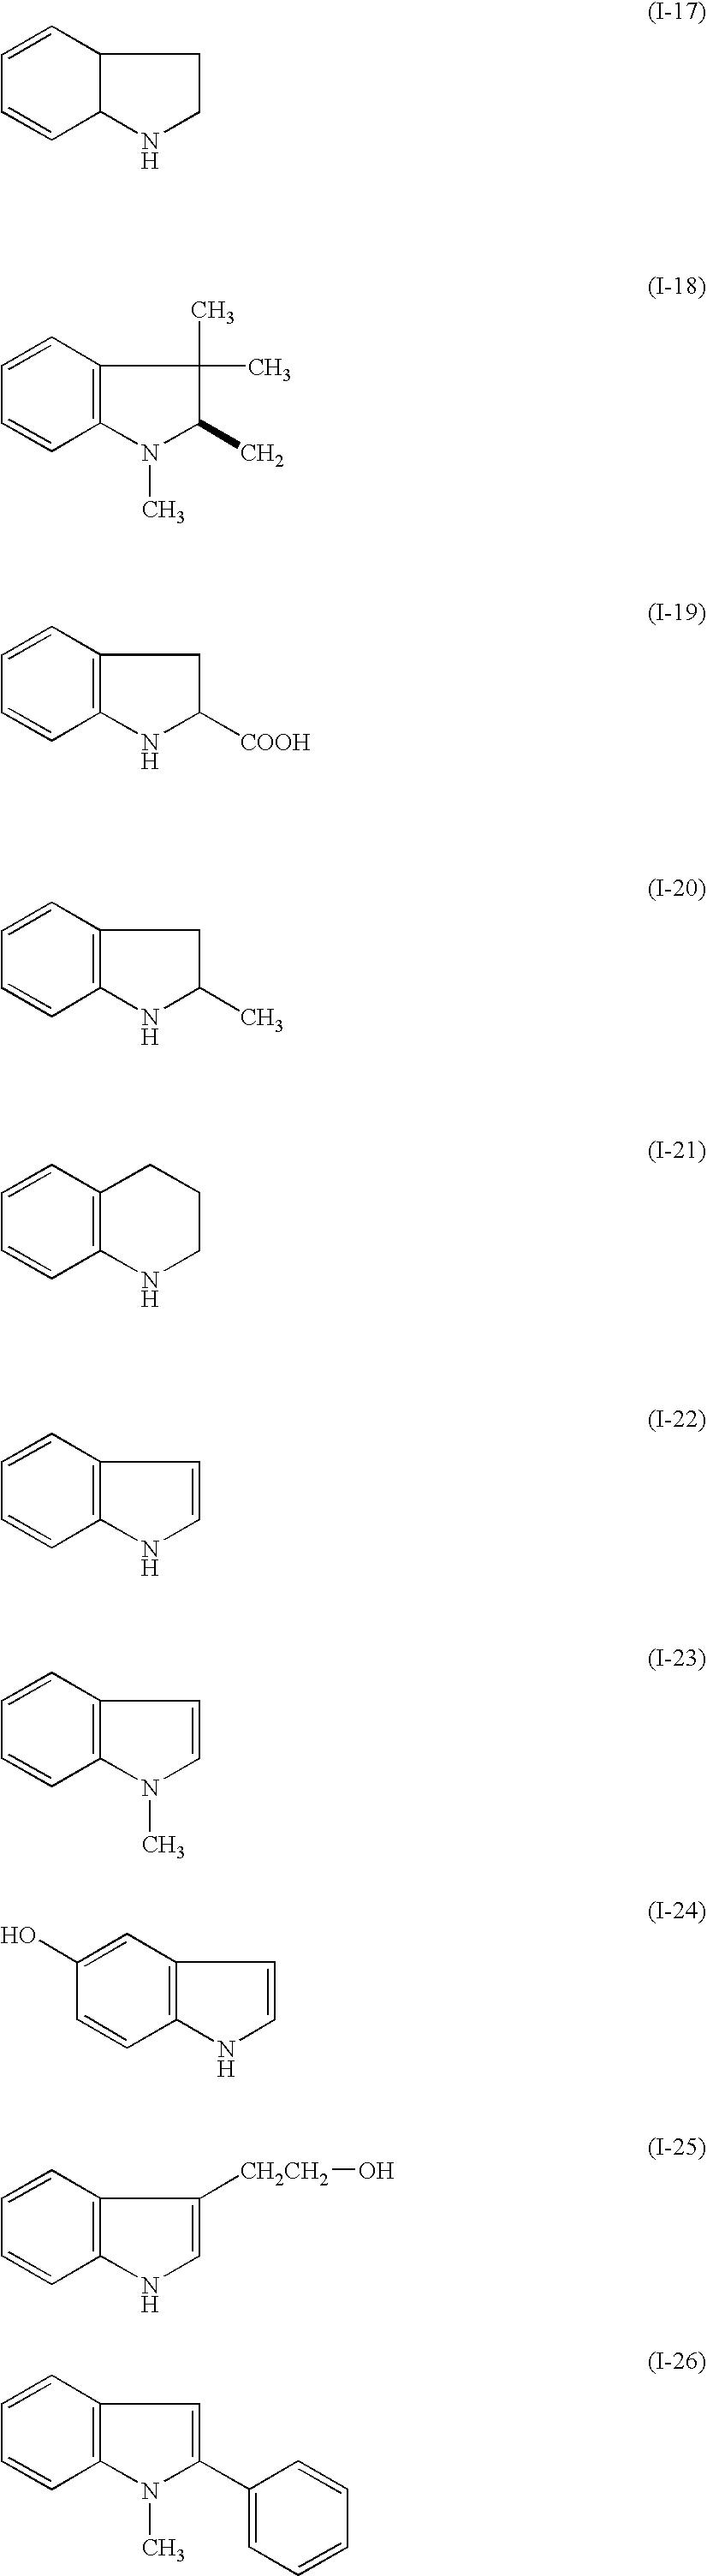 Figure US20060204732A1-20060914-C00007